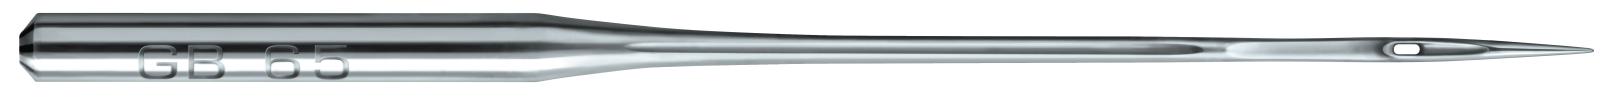 Швейная игла Groz-Beckert UY 128 GAS FFG (SES) №80